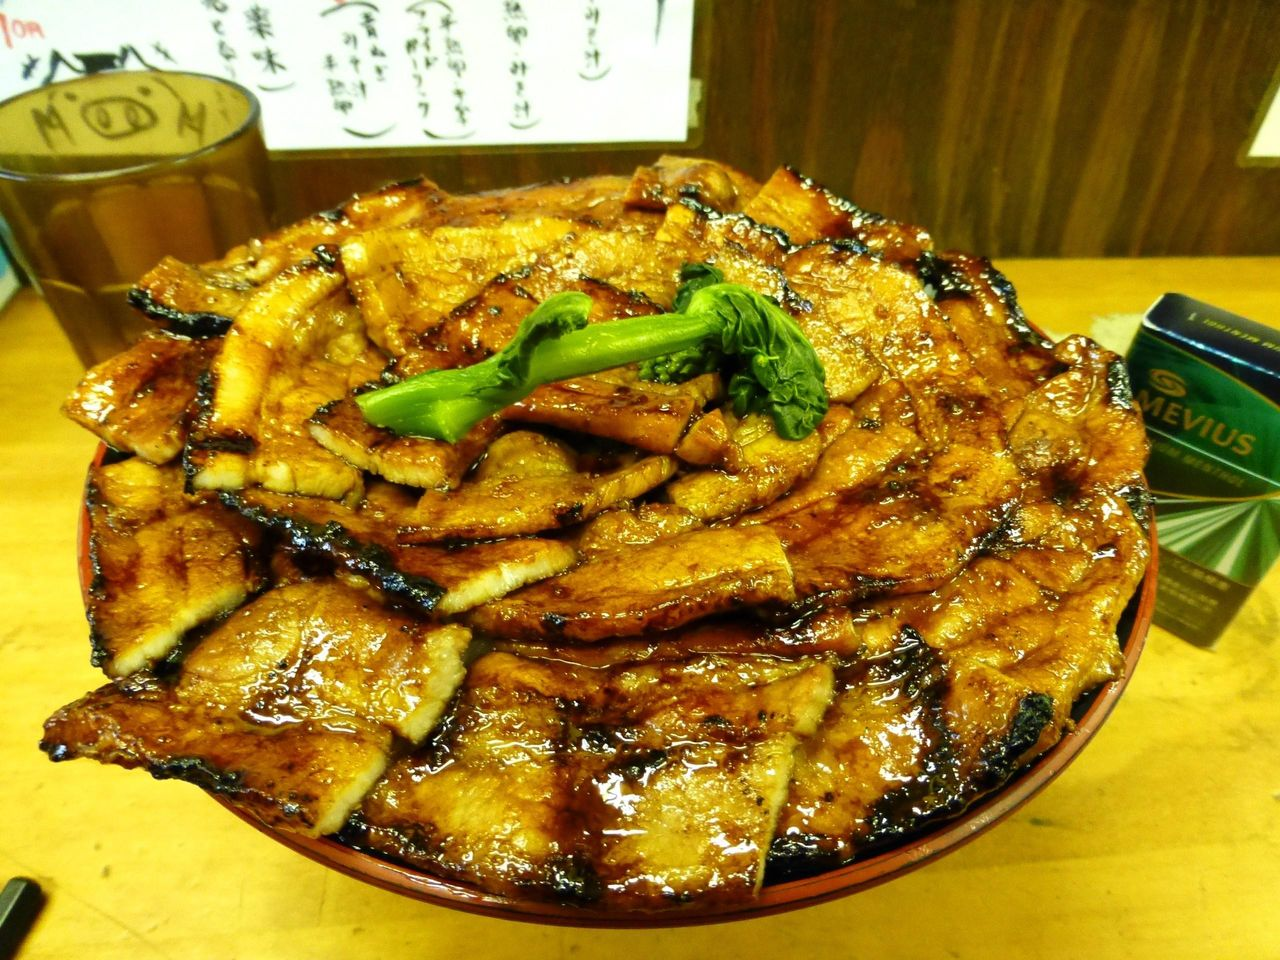 豚丼(特大)990円は、豚肉を敷き詰めたド派手な盛り付け!